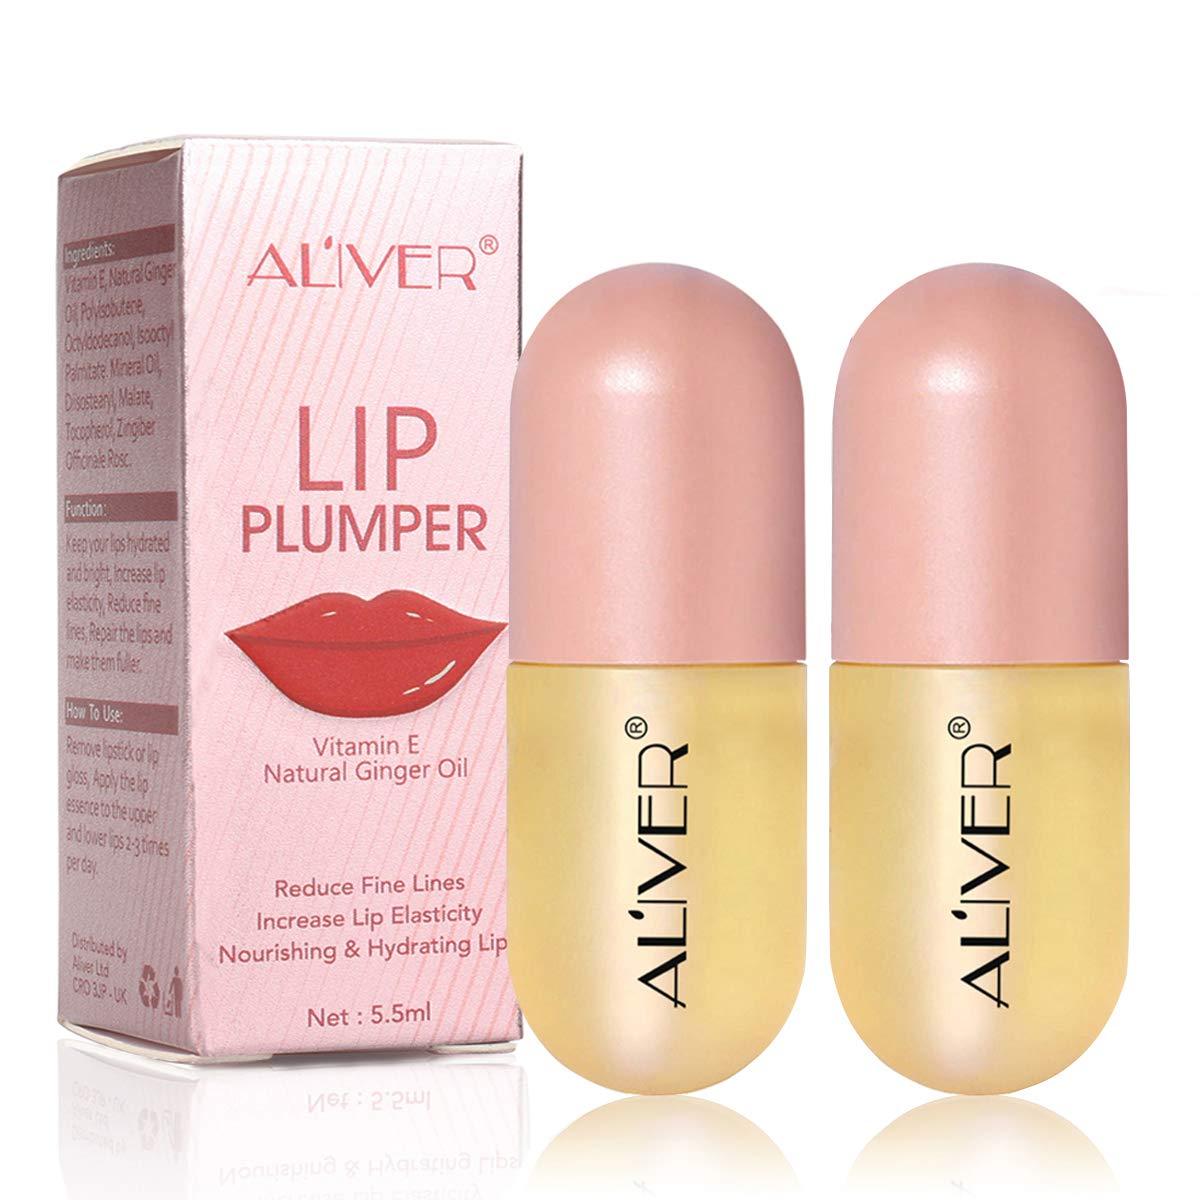 Lip Plumper Gloss - 2PC, Natural Lip Plumper Oil,Lip Enhancer, Lip Plumping Balm, Moisturizing Clear Lip Gloss for Fuller Lips & Beauty Lips 5.5 mL